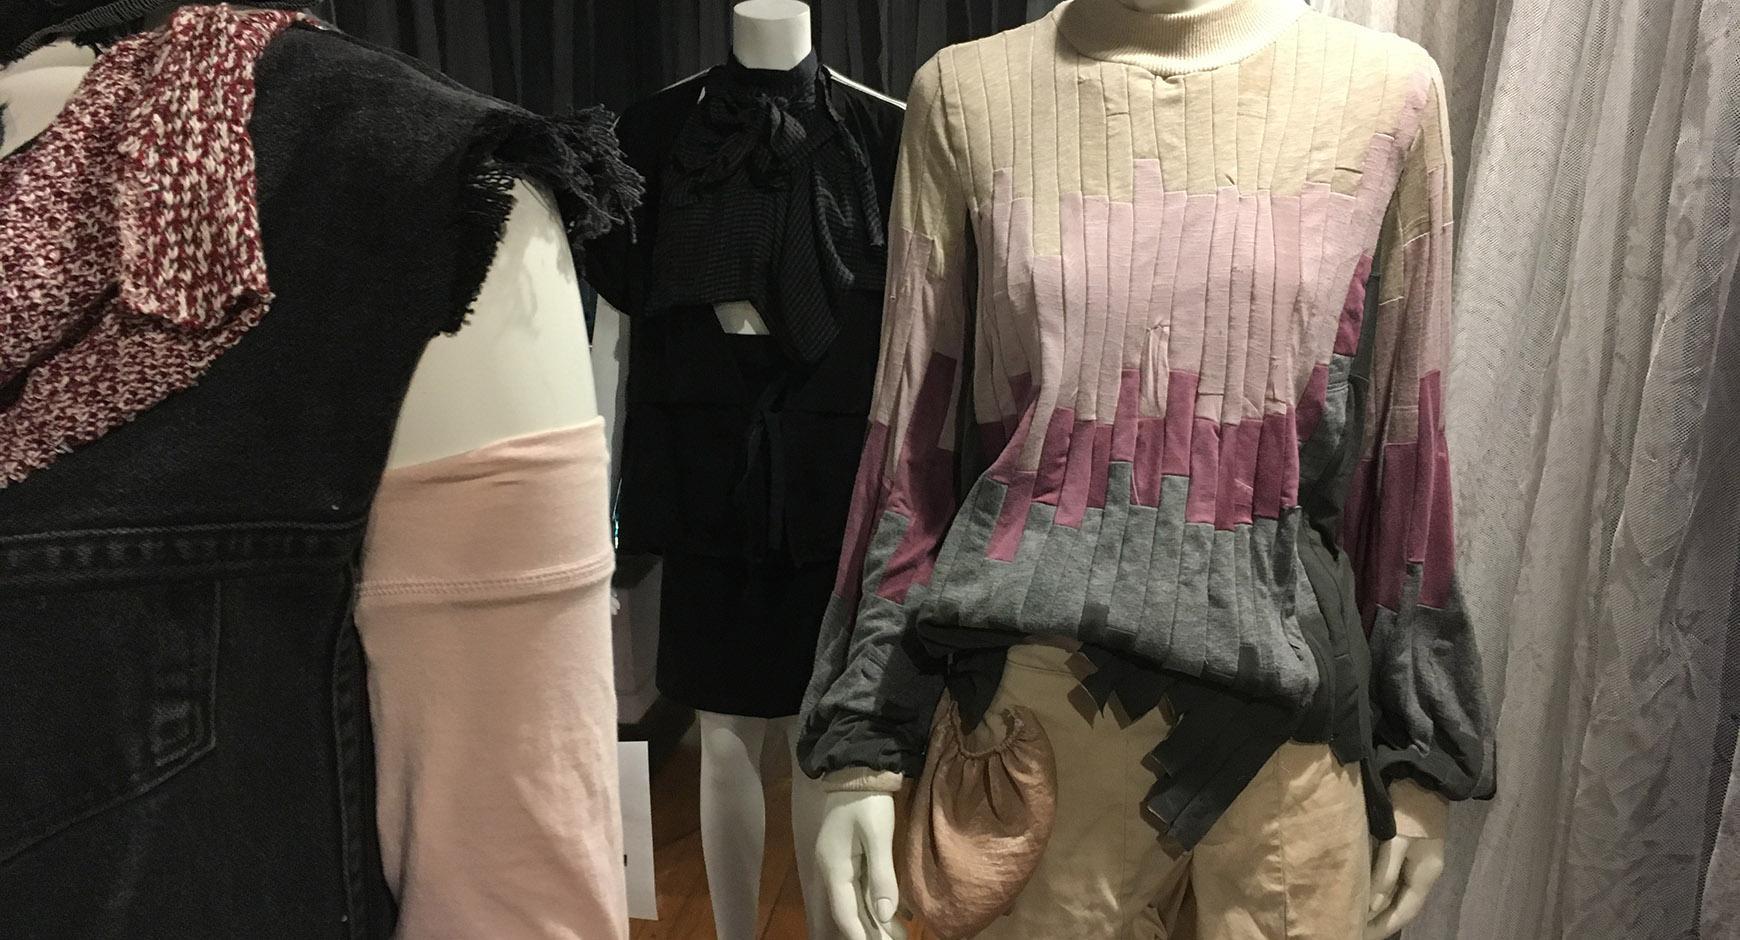 Undergraduates design fashion from old clothing